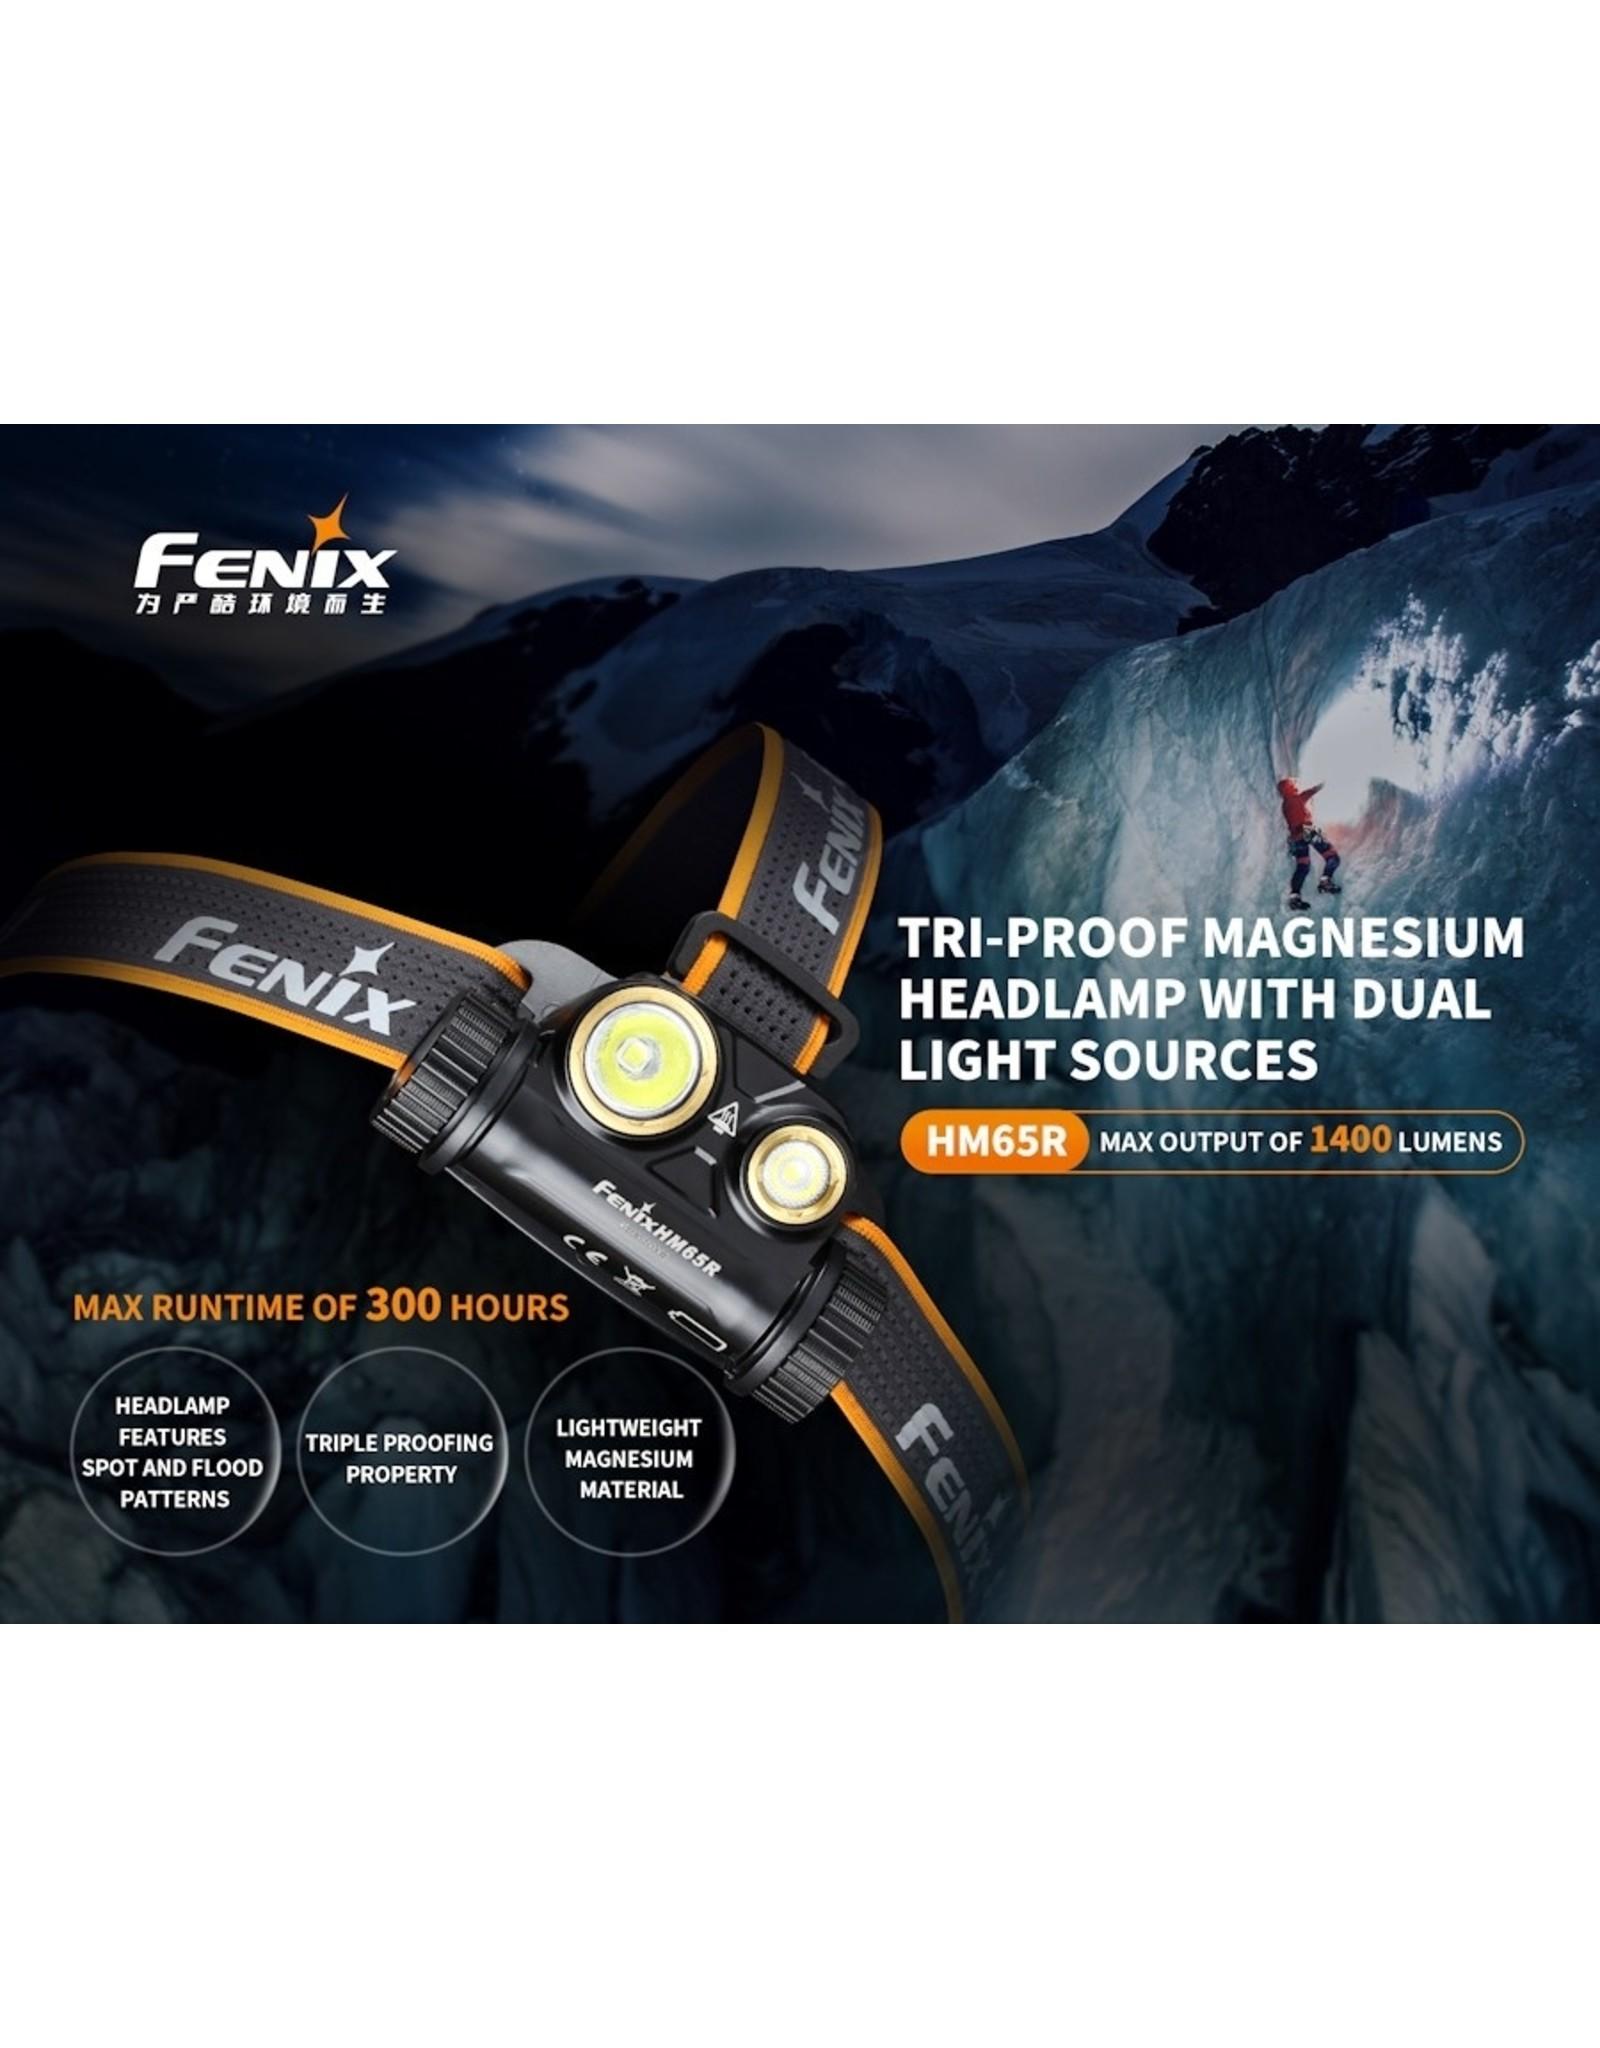 Fenix Fenix HM65R